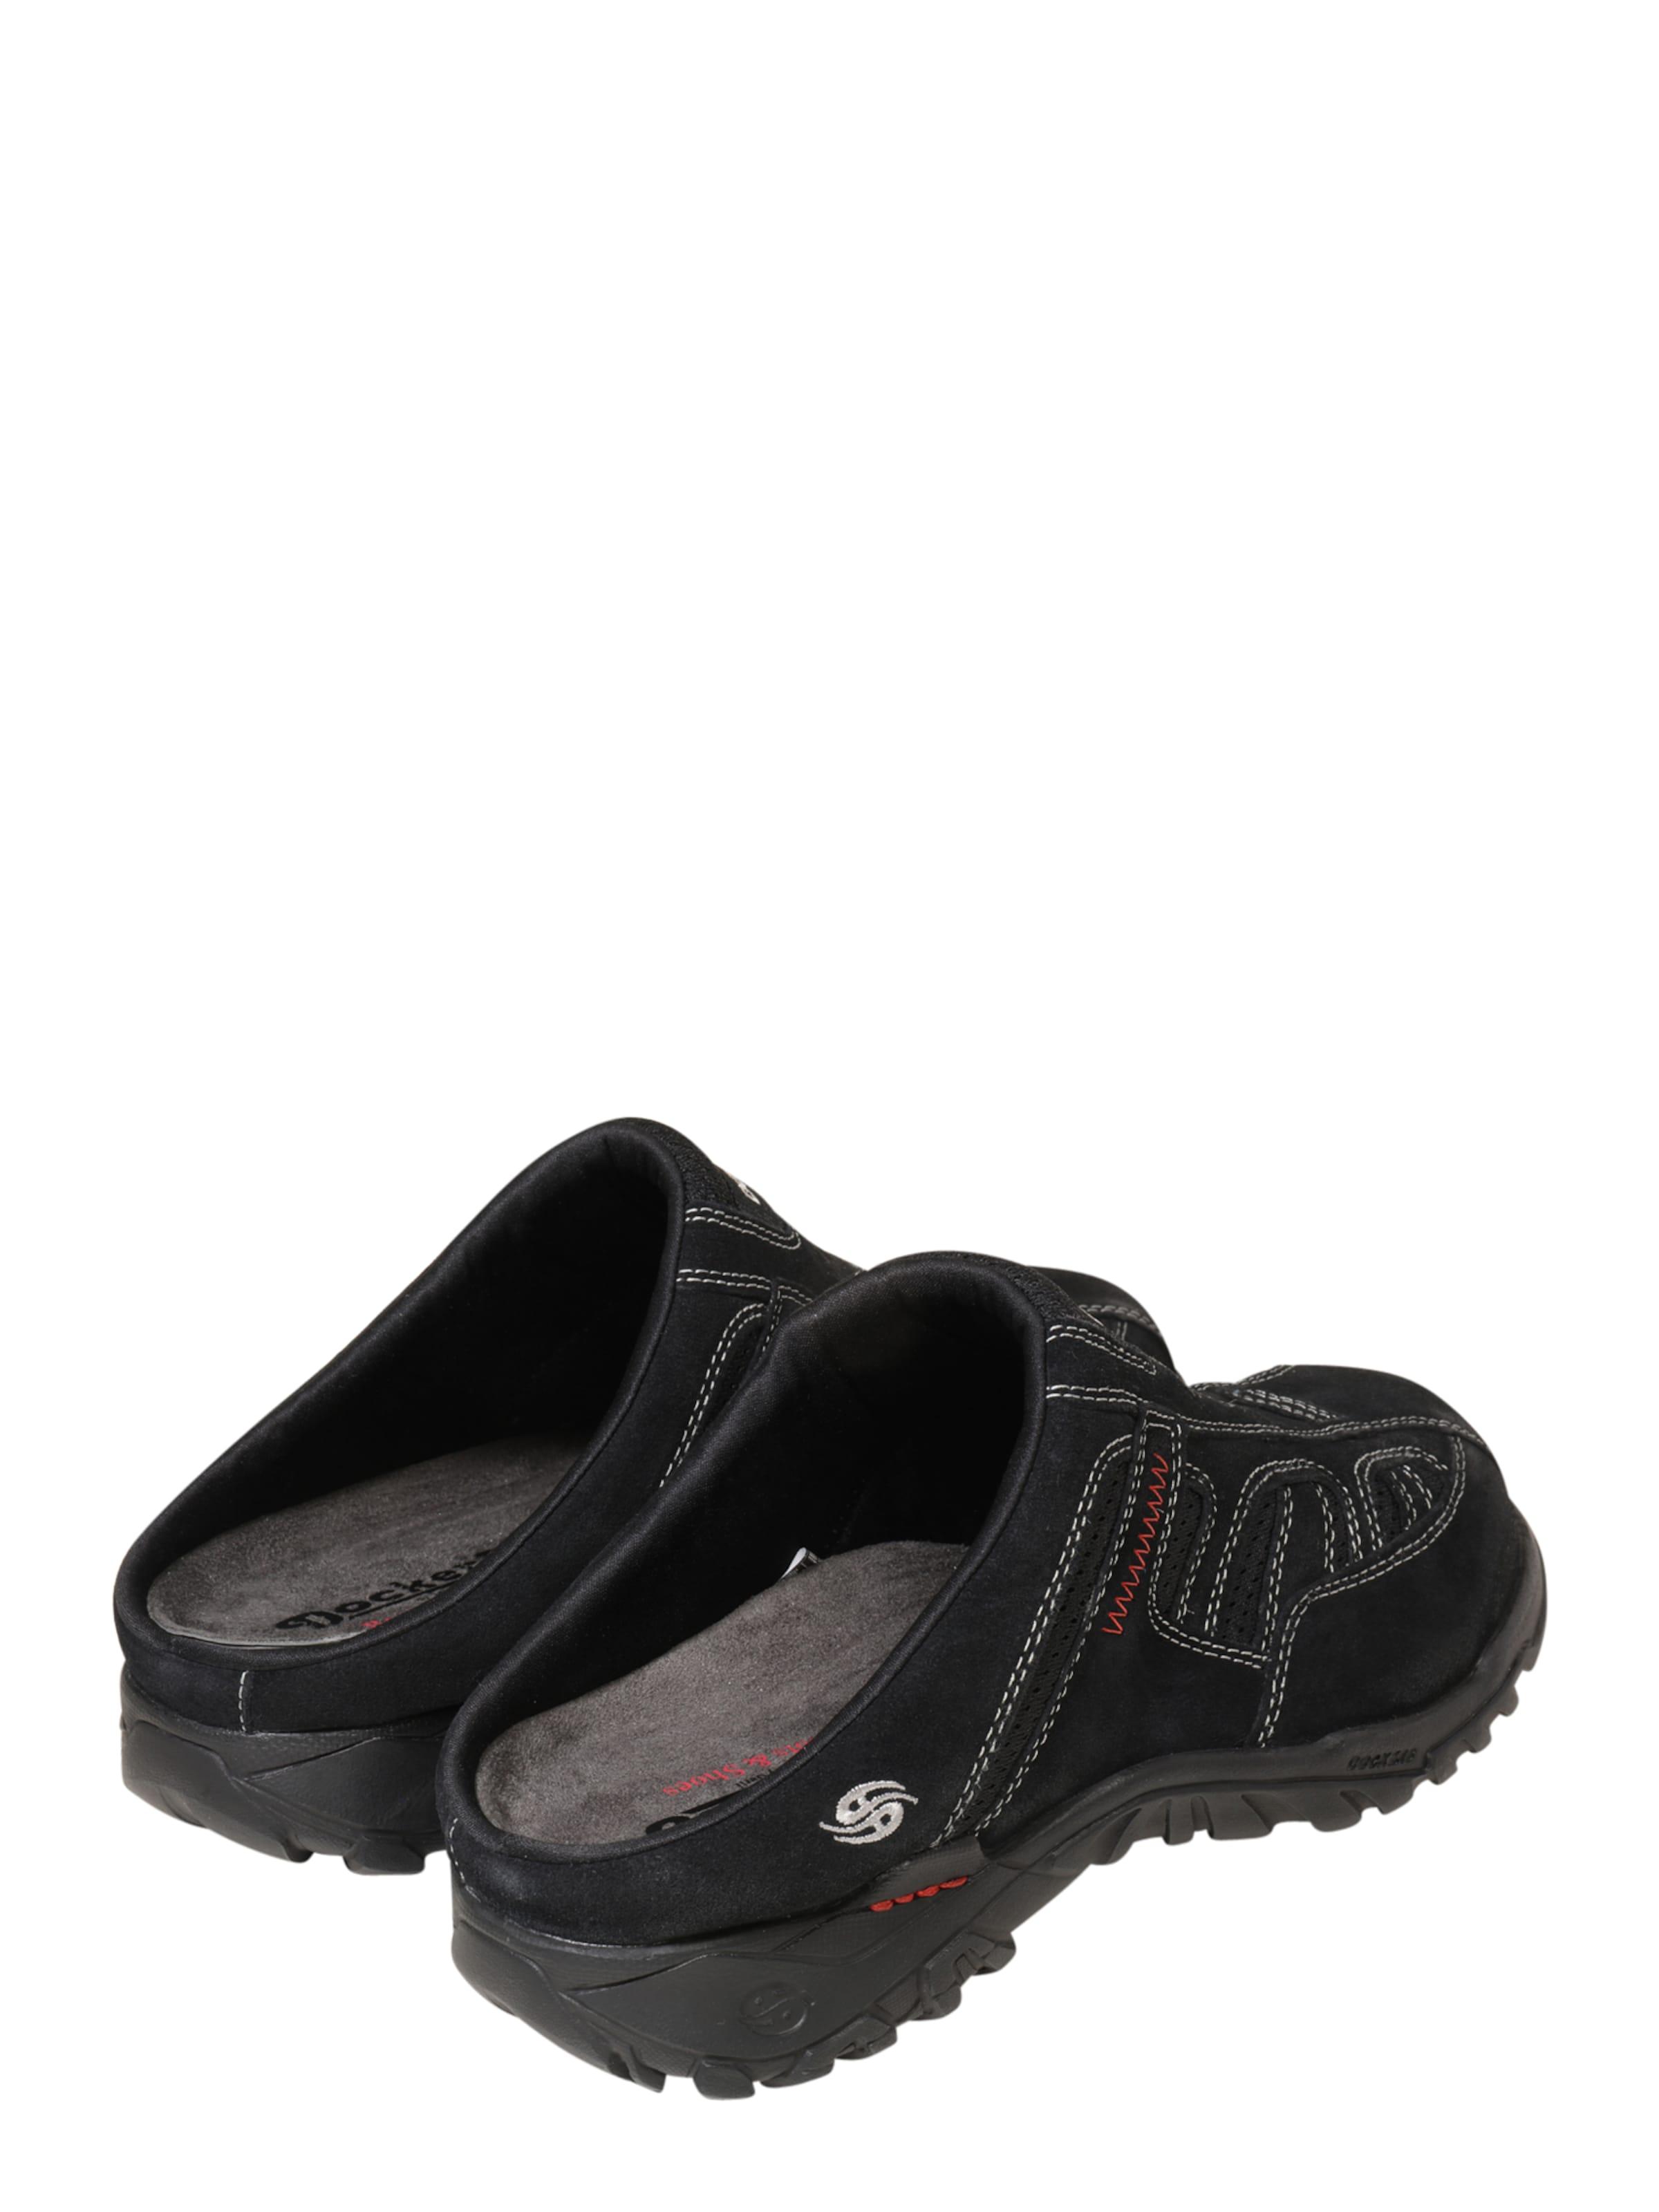 Dockers by Gerli Pantolette 'Clog 'Clog 'Clog Leder Bequem, gut aussehend 4339ff